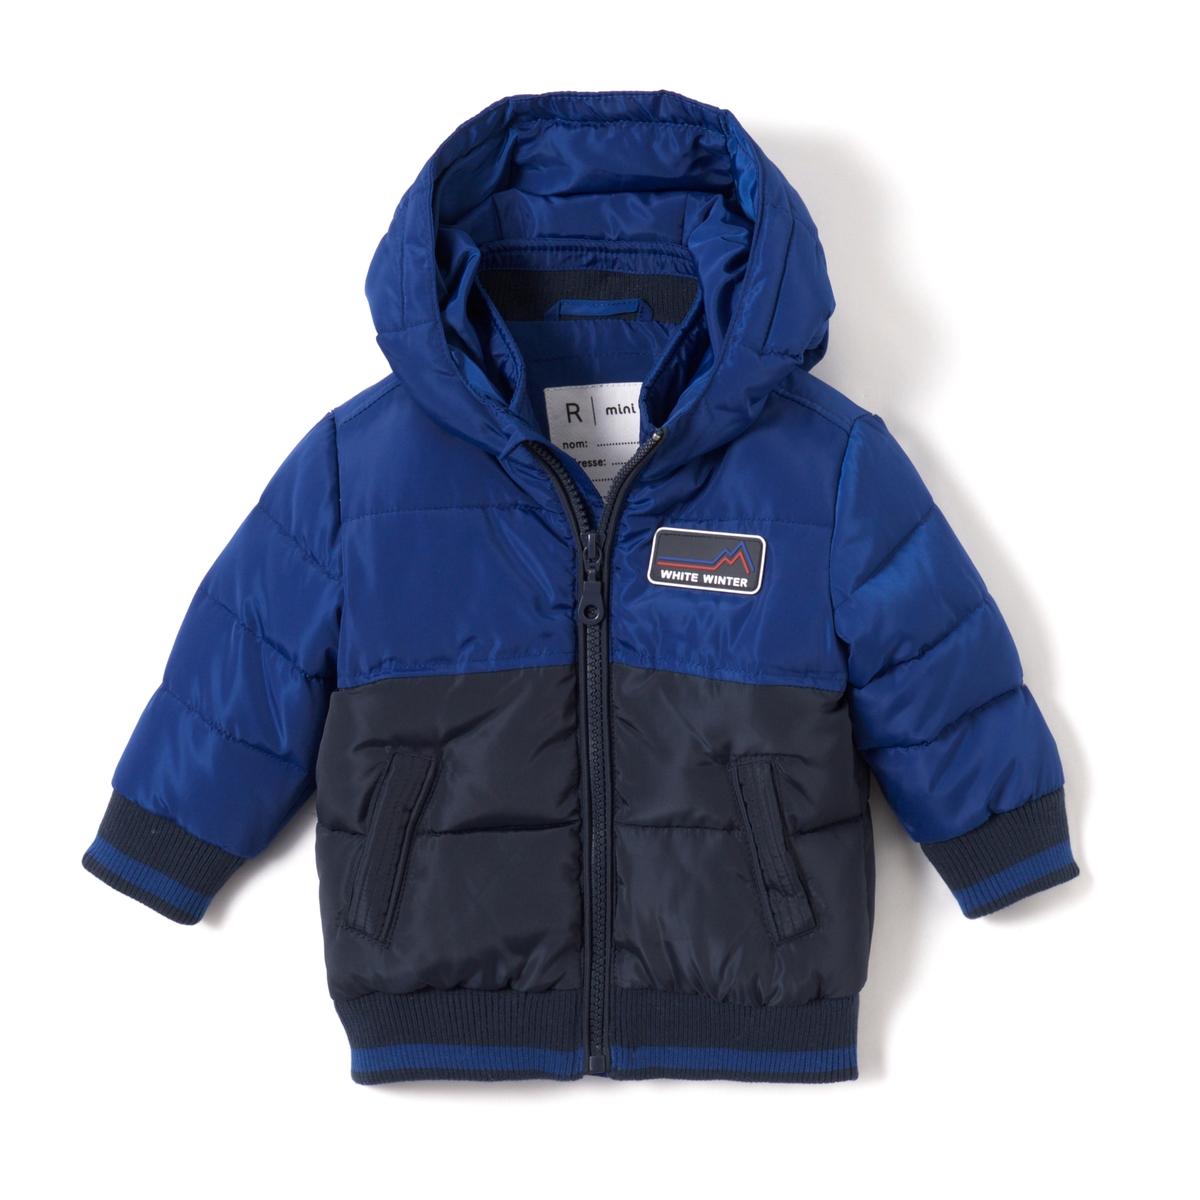 Куртка стеганная двухцветная с капюшоном, 1 мес.- 3 летОписание:Детали •  Зимняя модель •  Непромокаемая •  Застежка на молнию •  С капюшоном •  Длина : средняяСостав и уход •  100% полиэстер •  Подкладка : 100% полиэстер •  Наполнитель : 100% полиэстер •  Температура стирки 30° на деликатном режиме •  Сухая чистка и отбеливание запрещены •  Не использовать барабанную сушку •  Не гладить<br><br>Цвет: синий/ серый<br>Размер: 1 мес. - 54 см.2 года - 86 см.18 мес. - 81 см.1 год - 74 см.9 мес. - 71 см.6 мес. - 67 см.3 мес. - 60 см